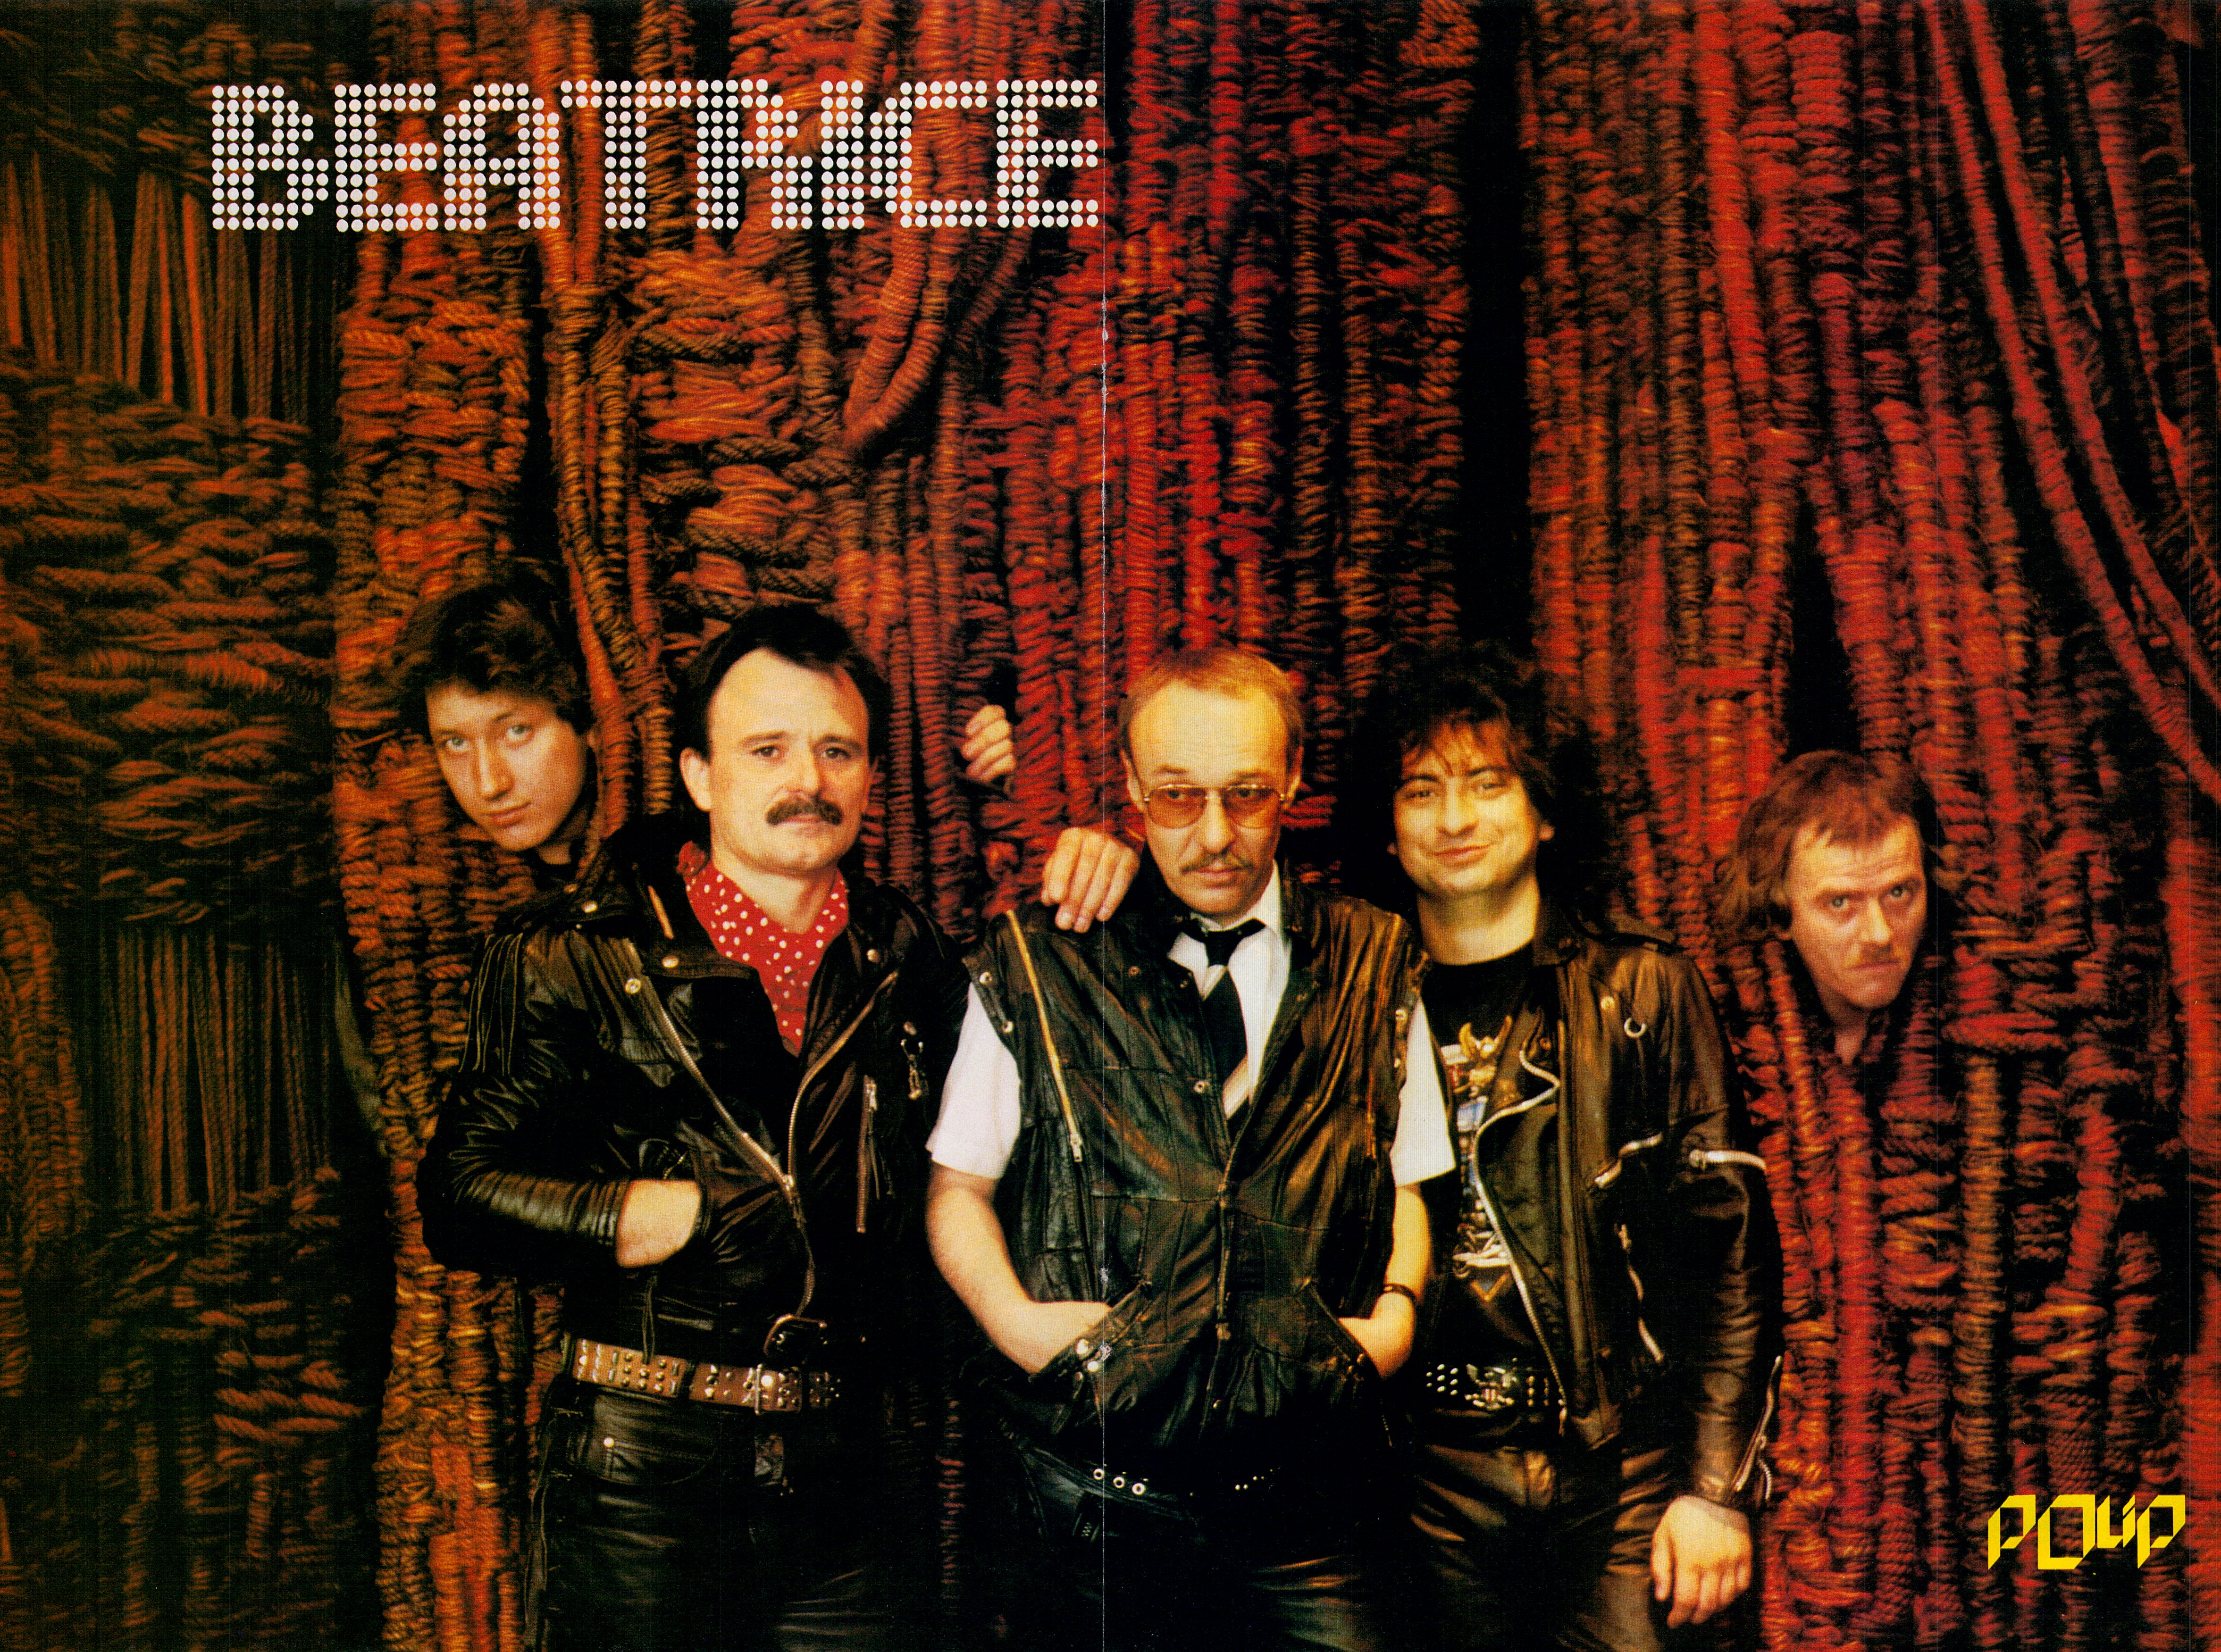 beatrice_1988_poszter_promo.jpg